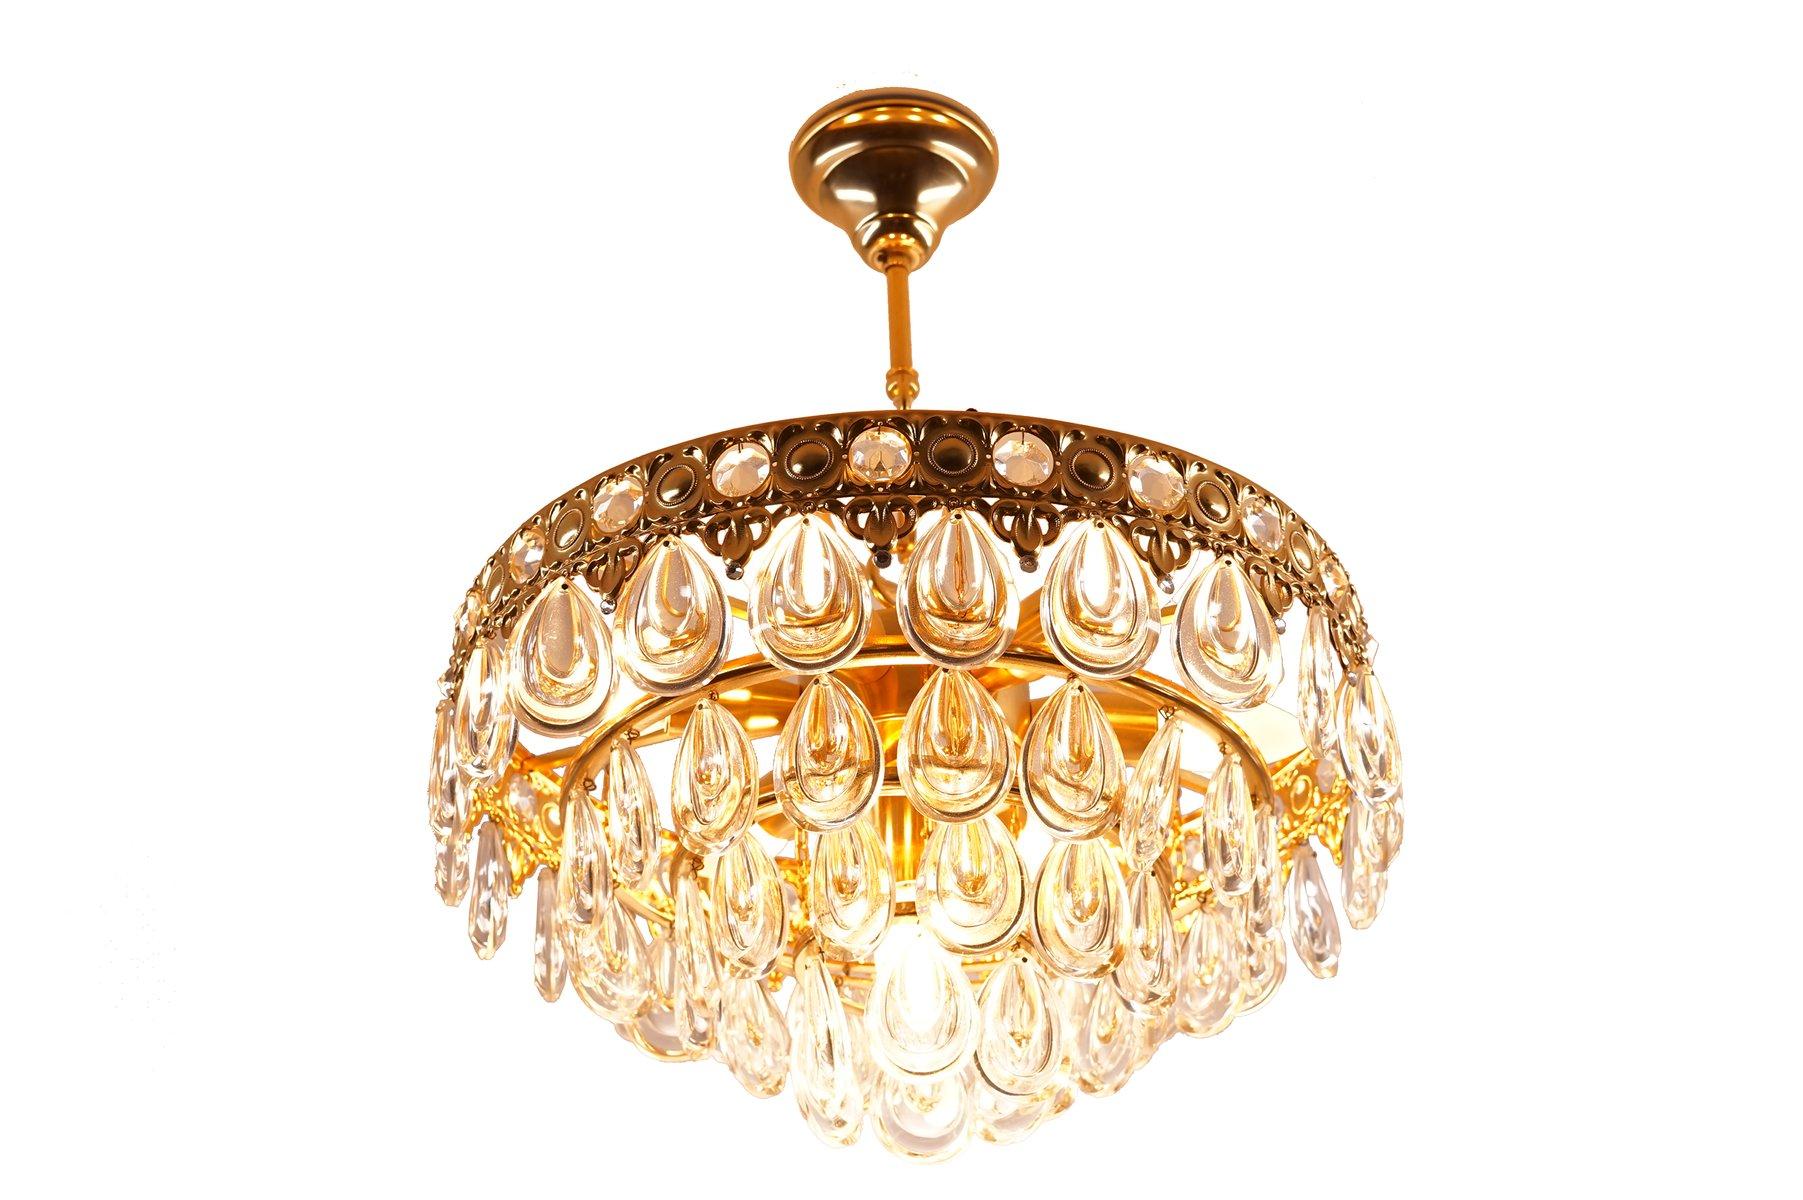 Lampadario gocce cristallo prezzi lampadario di cristallo lusso